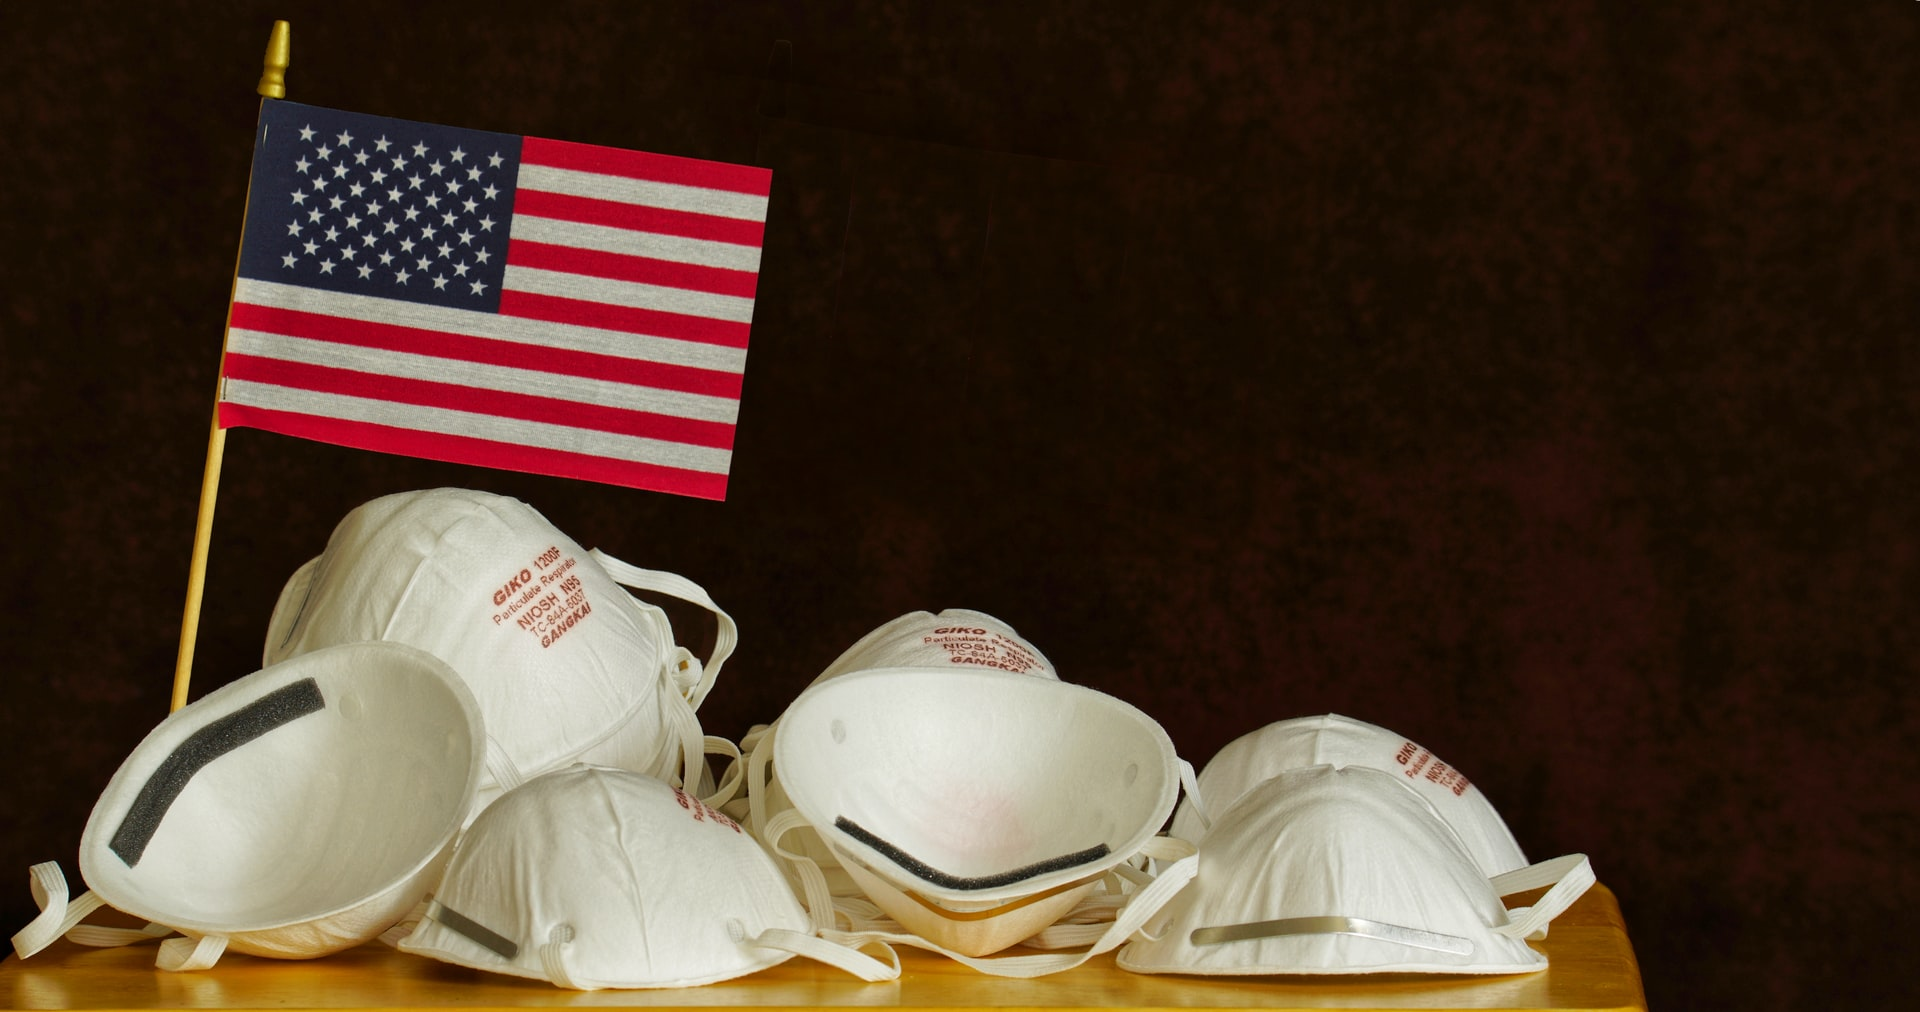 SUA  Estimarea cercetătorilor: Pragul de 300.000 de decese va fi depășit în decembrie